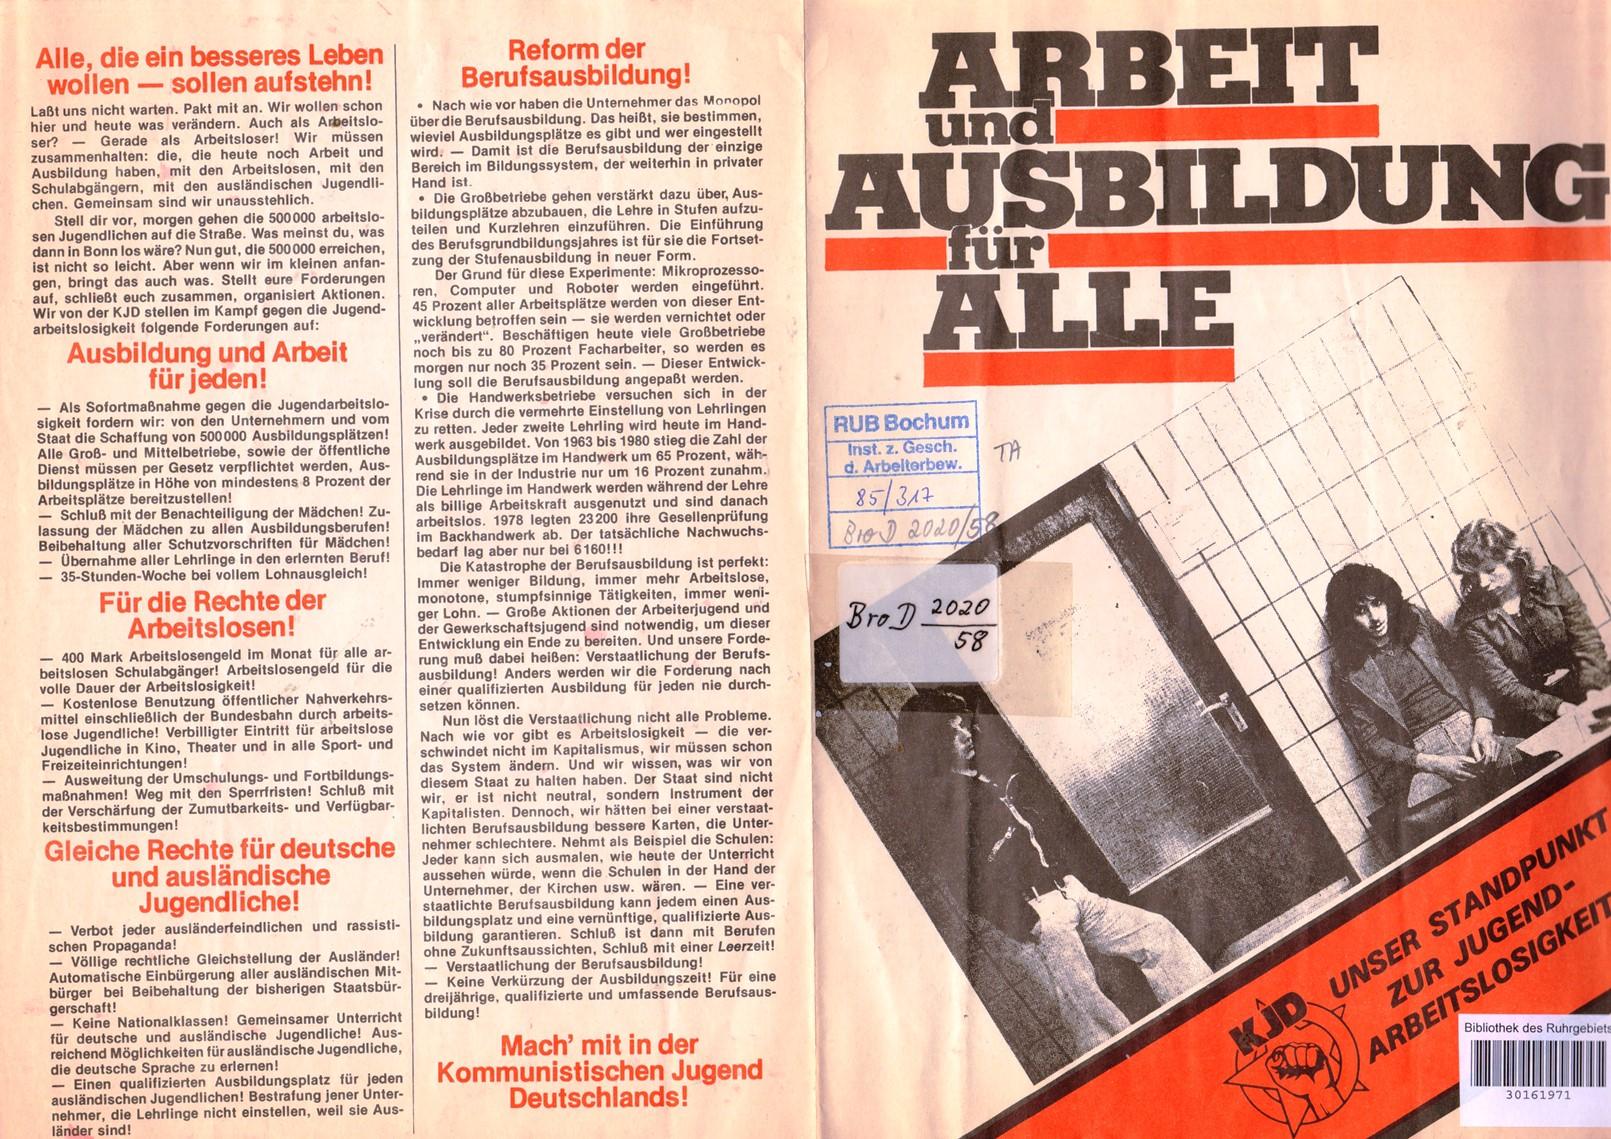 KJD_1982_Standpunkt_zur_Jugendarbeitslosigkeit_01